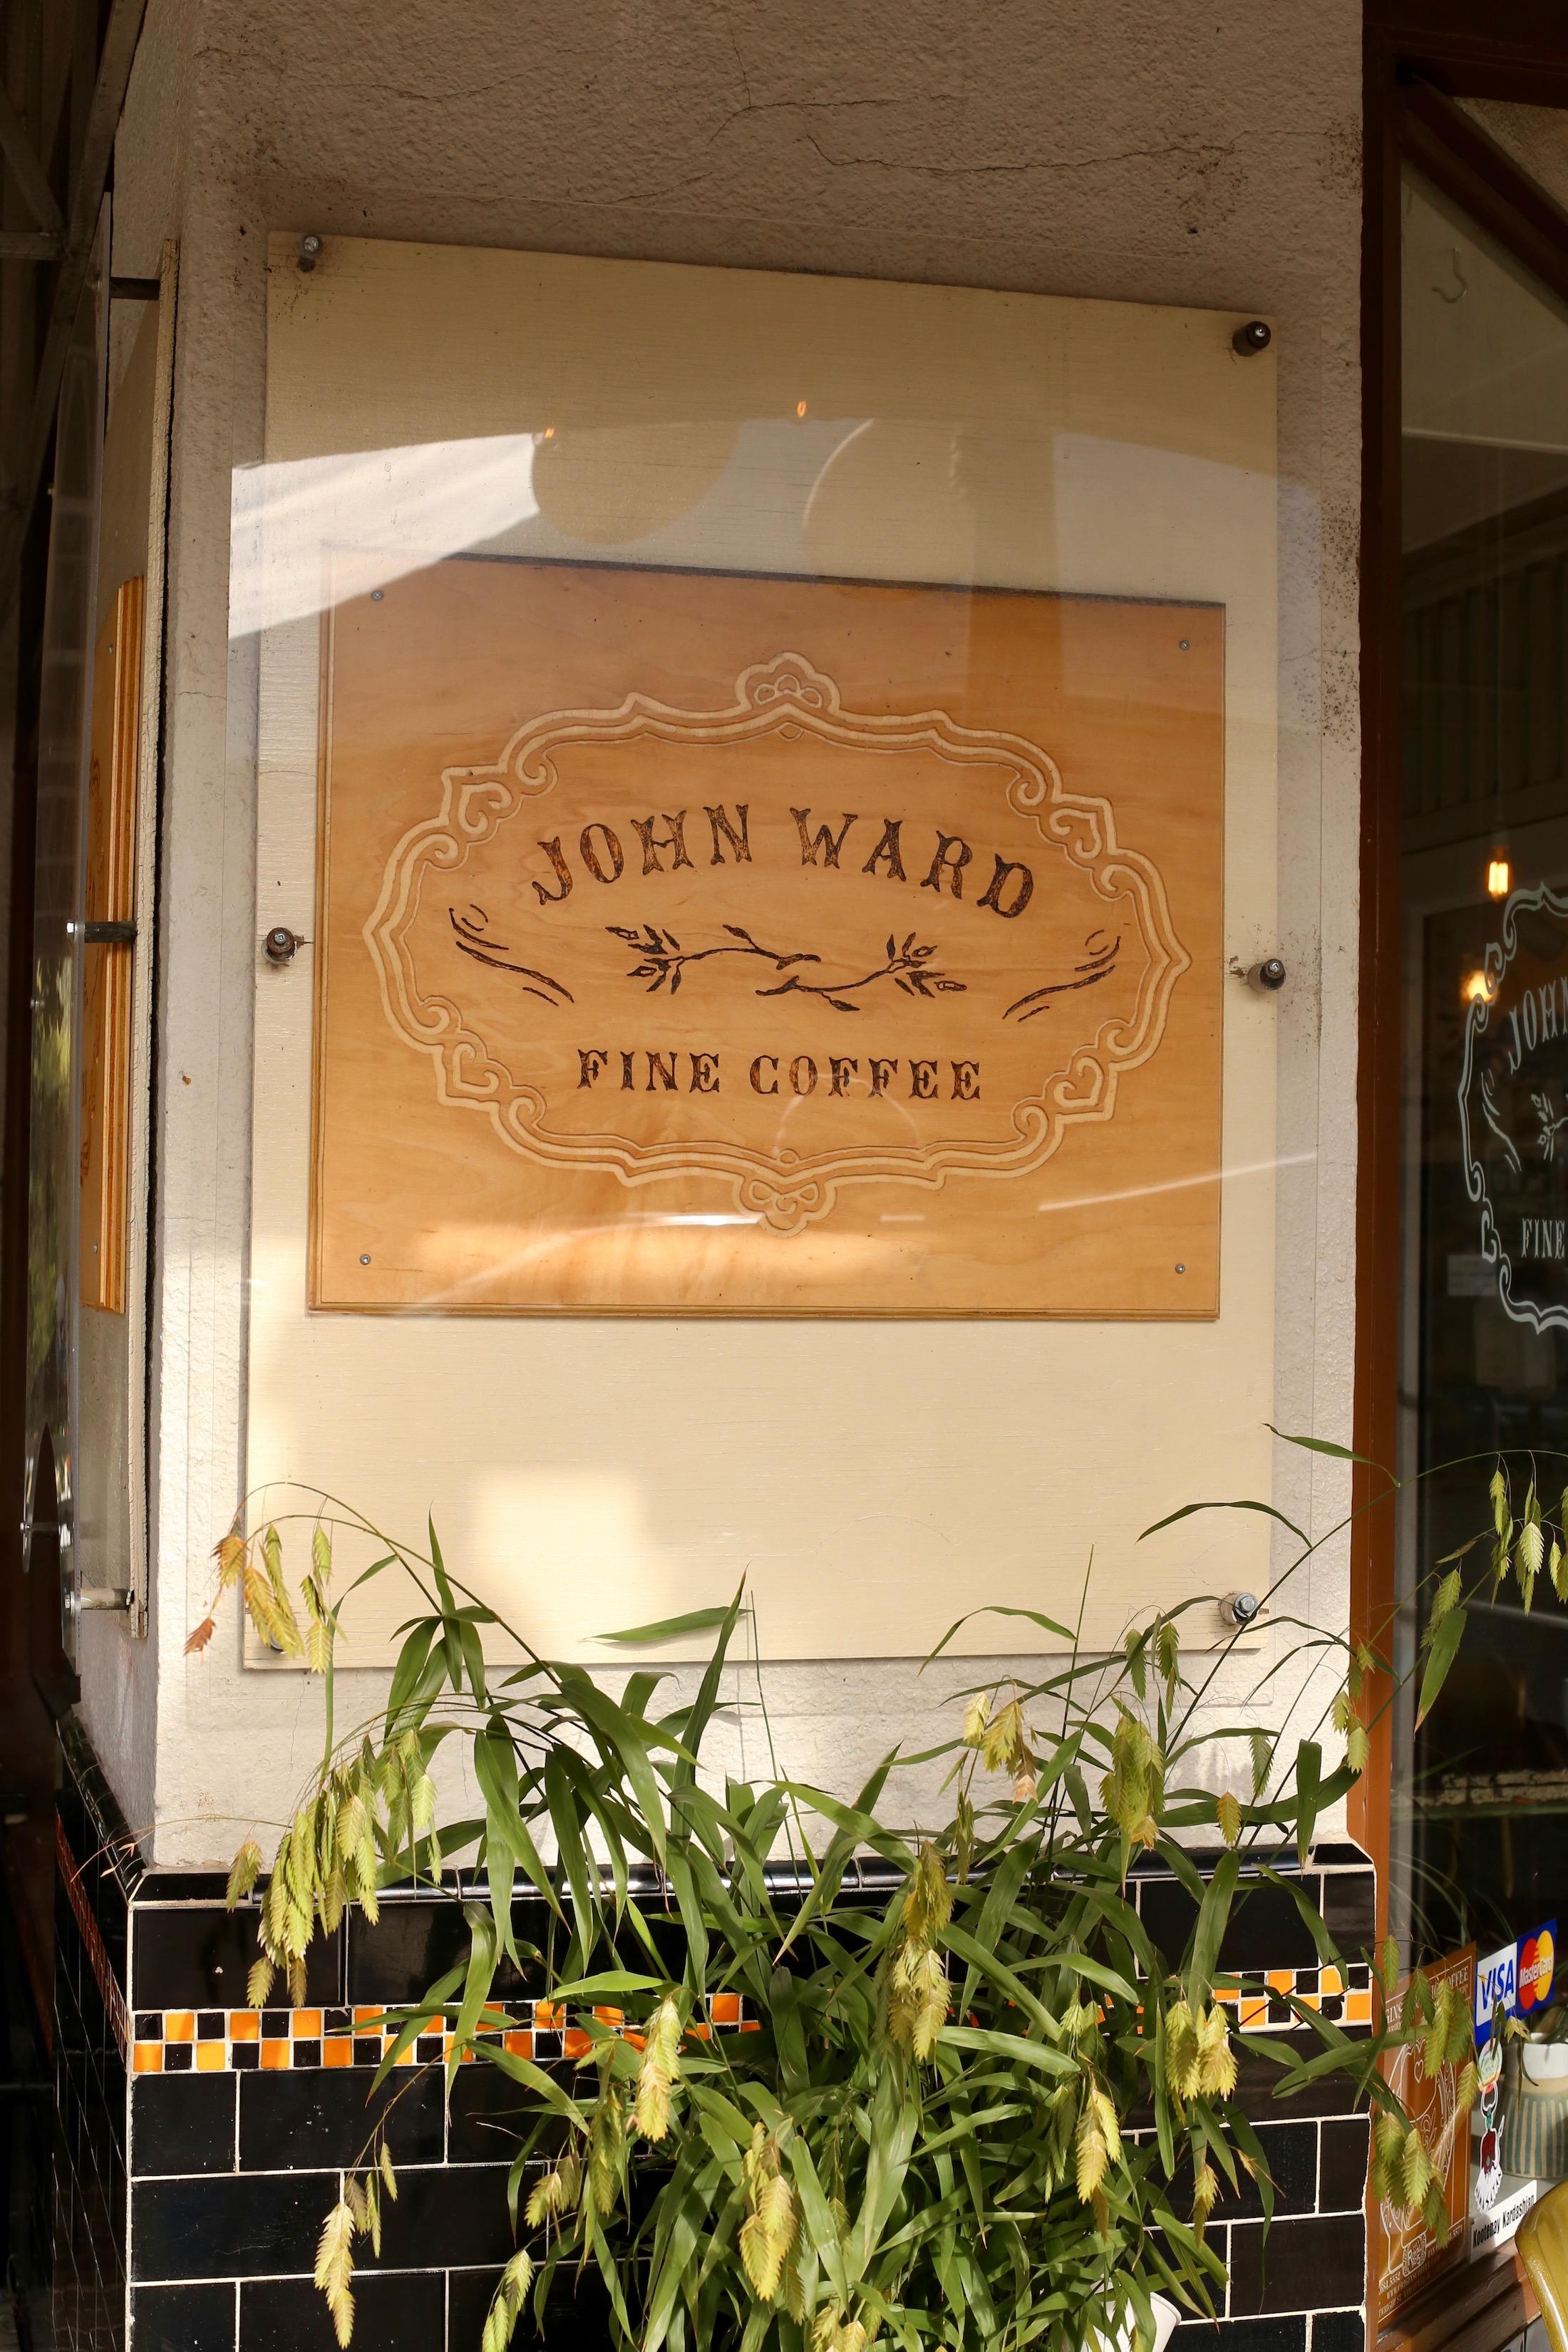 john ward fine coffee nelson